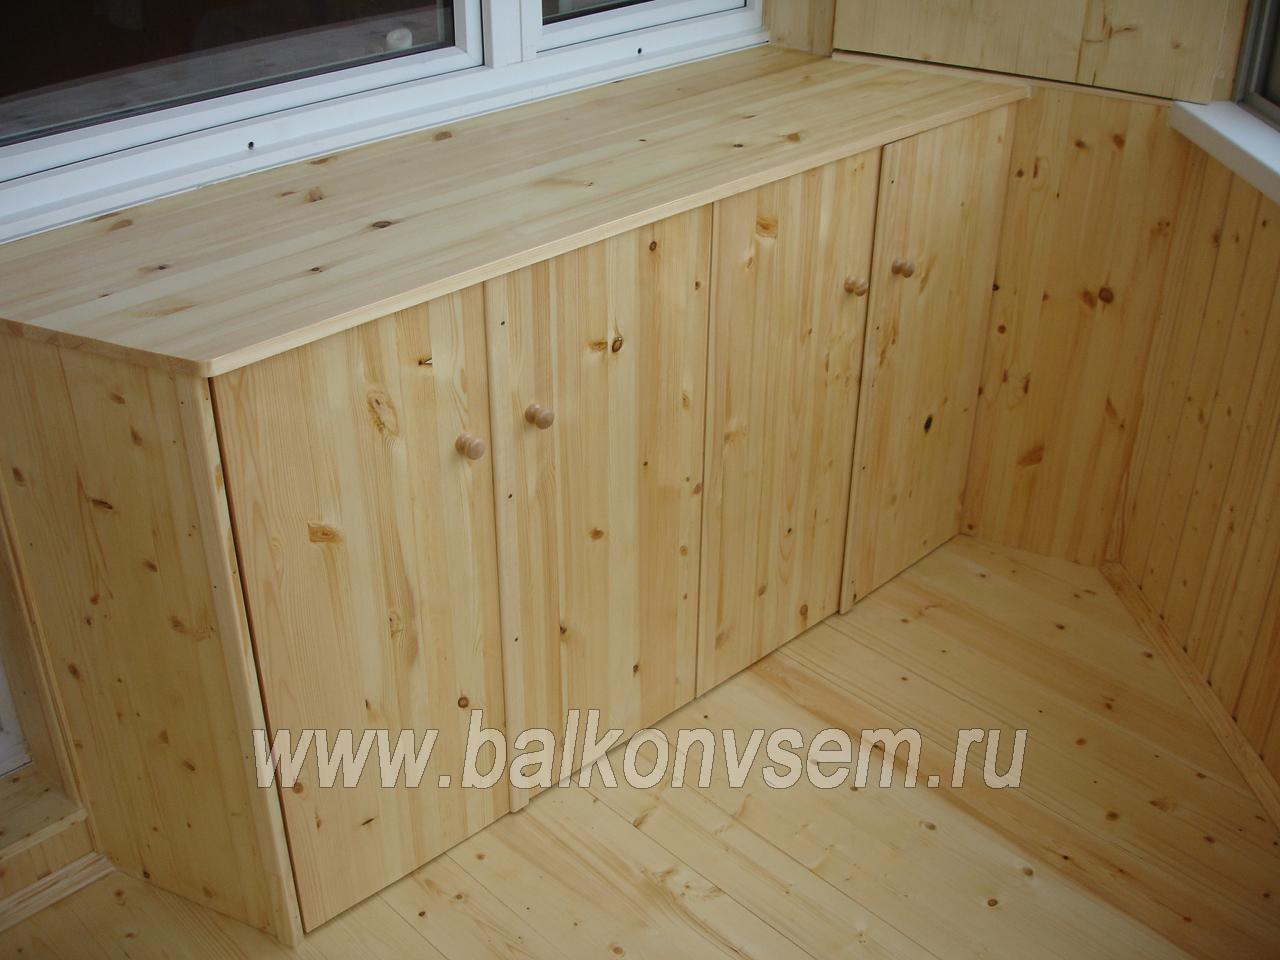 Кухня из деревянных щитов своими руками фото